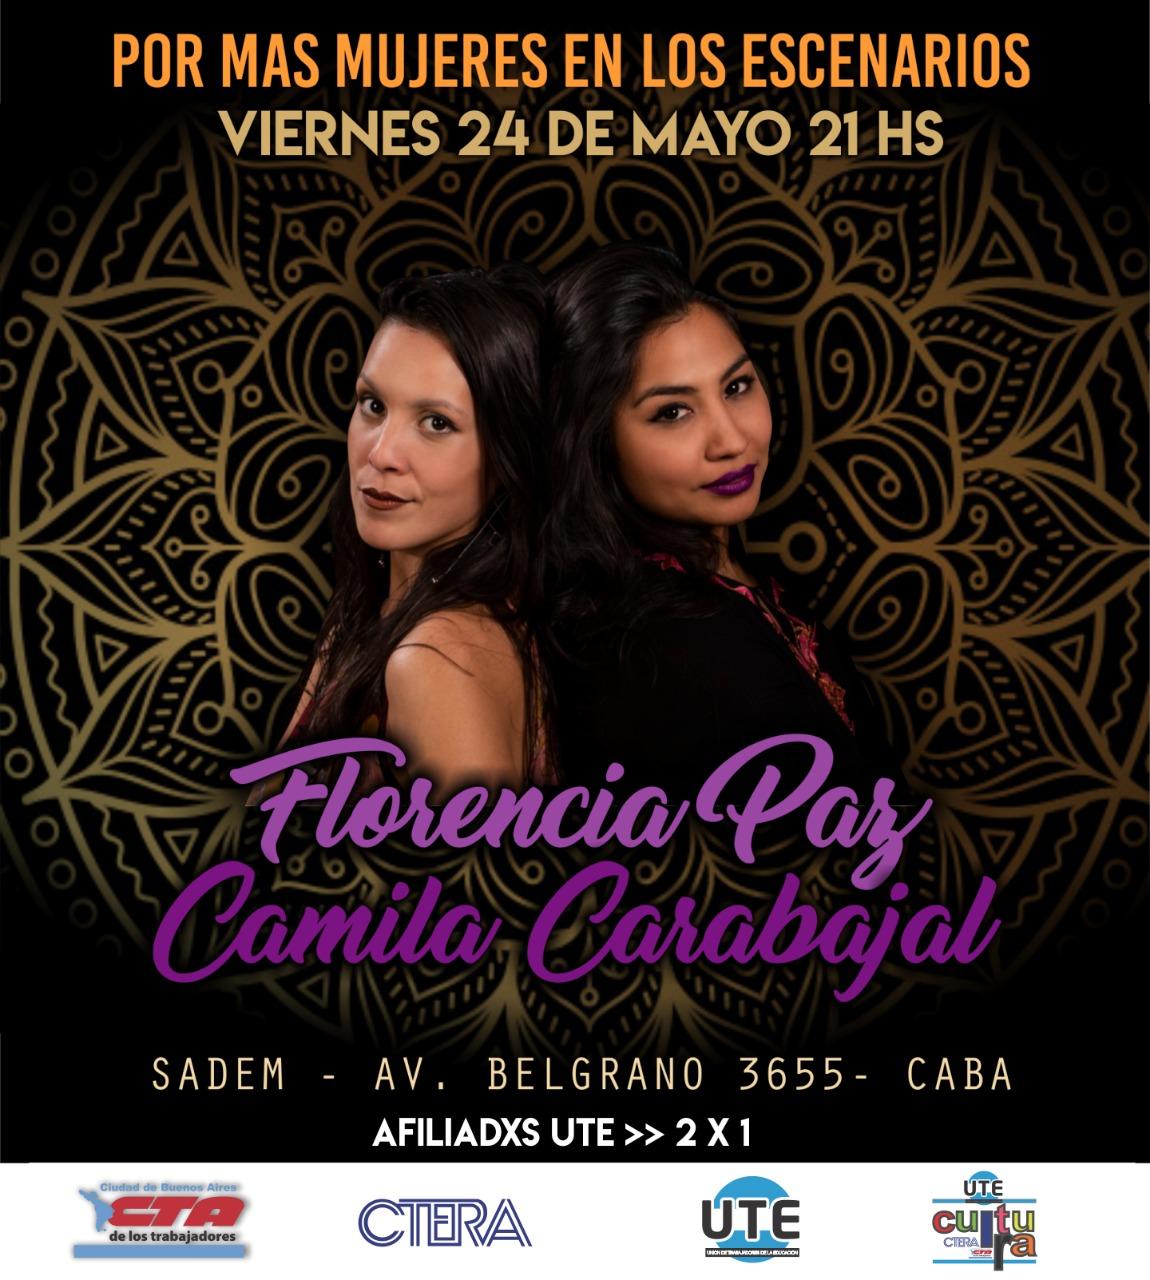 """Camila Carabajal y Florencia Paz en """"Más mujeres en los escenarios"""" - Afiliadxs a UTE: 2x1 - Viernes 24 de Mayo"""